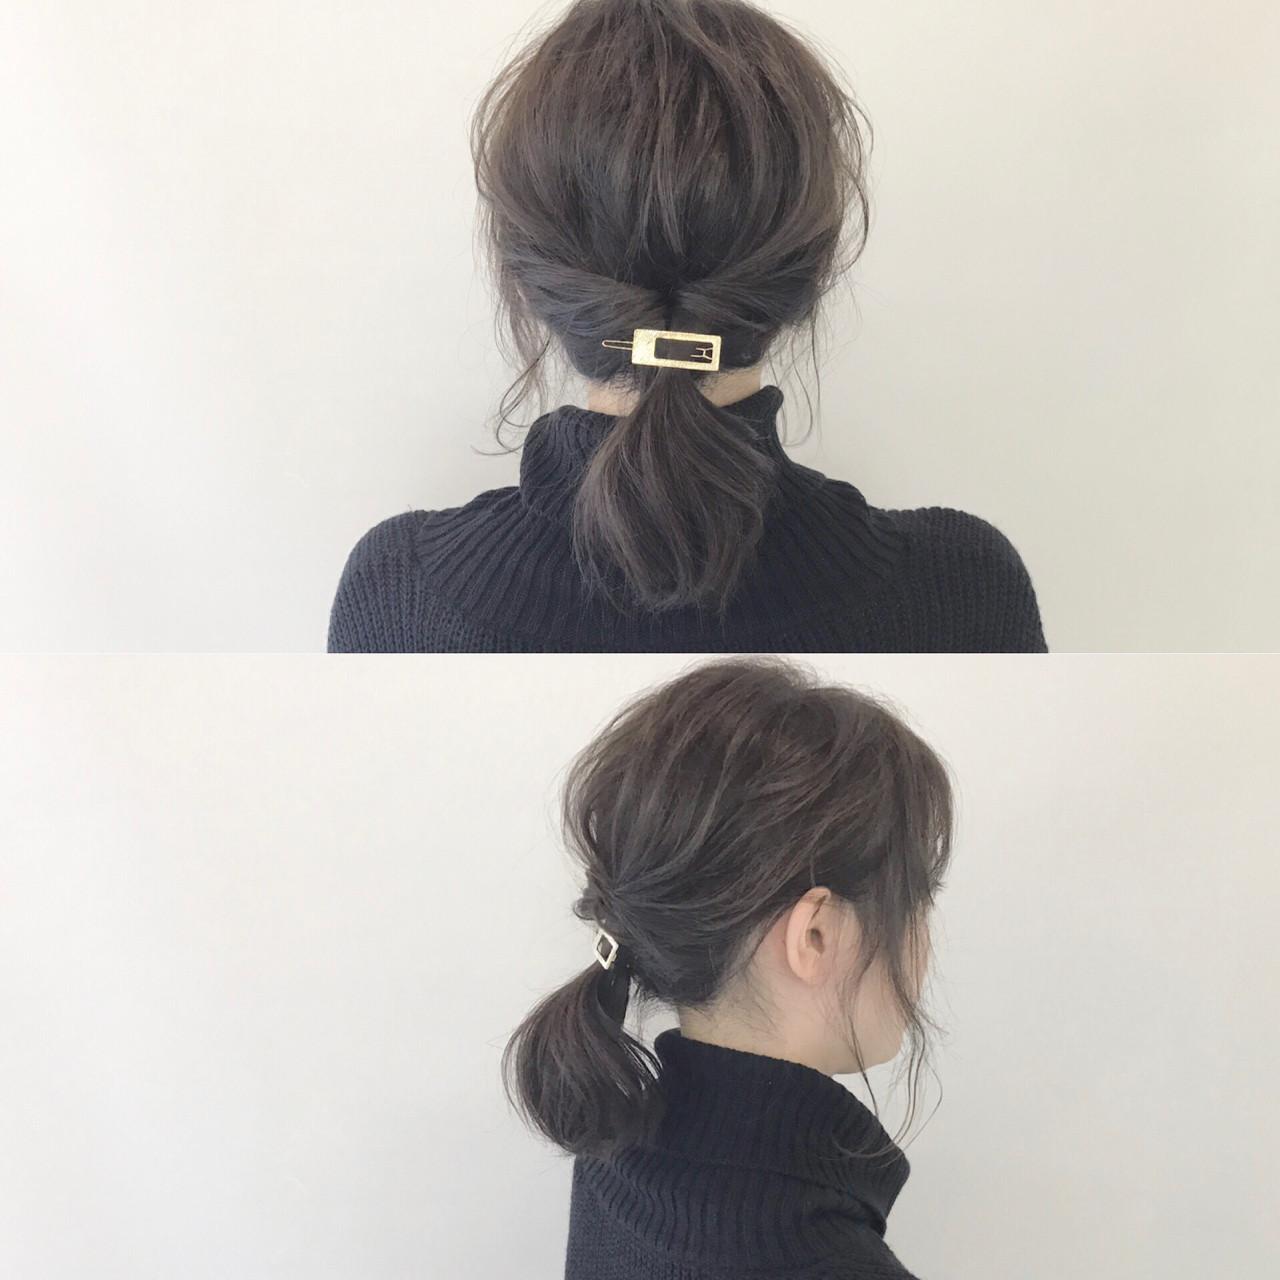 シンプルなくるりんぱポニーはヘアアクセを+ 新谷 朋宏 | Free hairstylist shinya